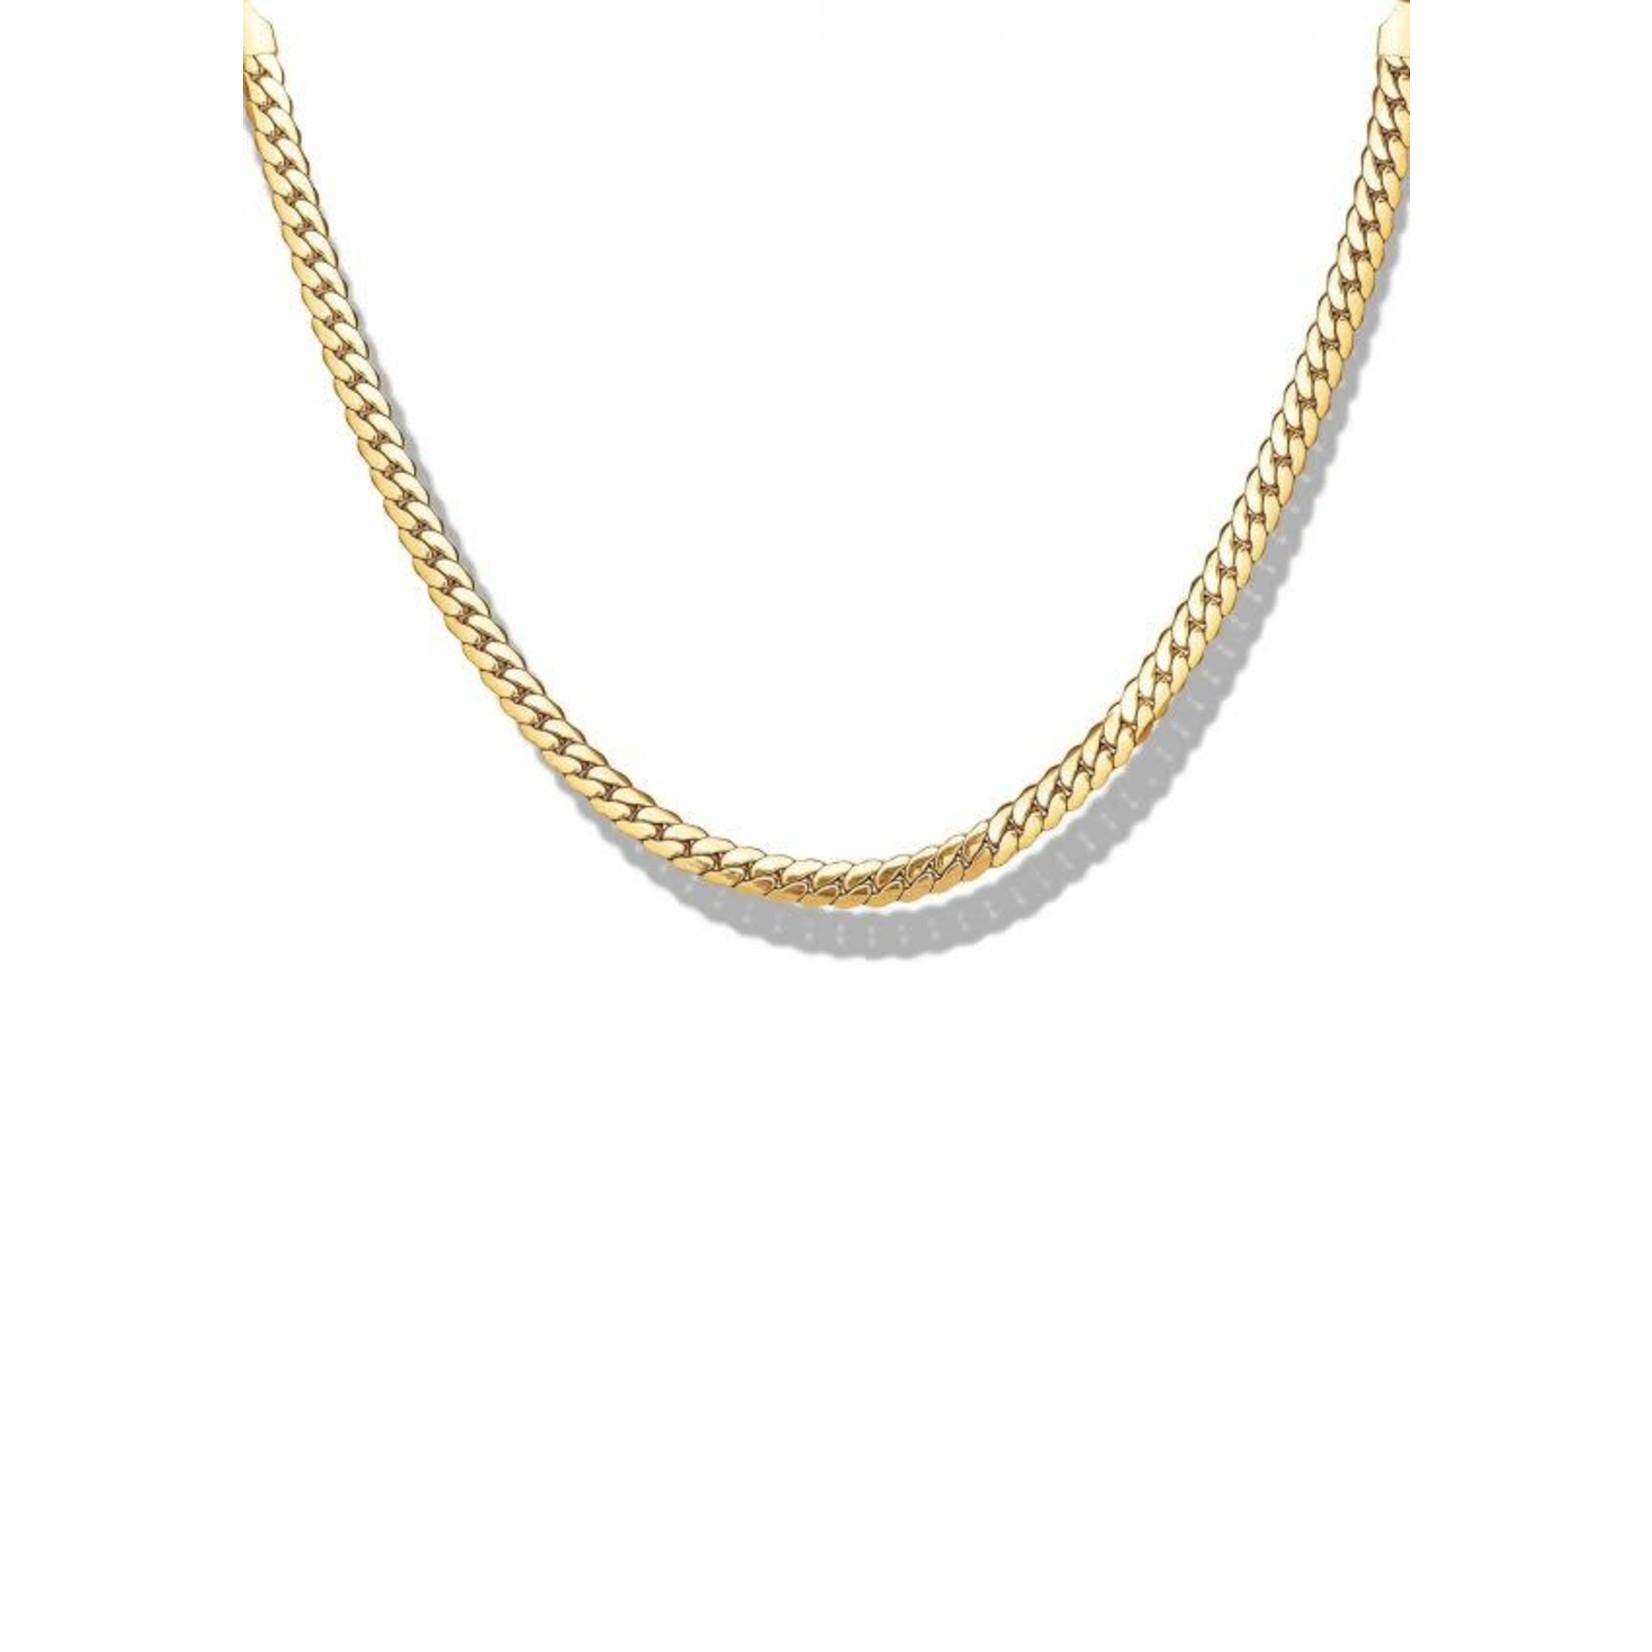 Simplicité Mon Tresor Necklace